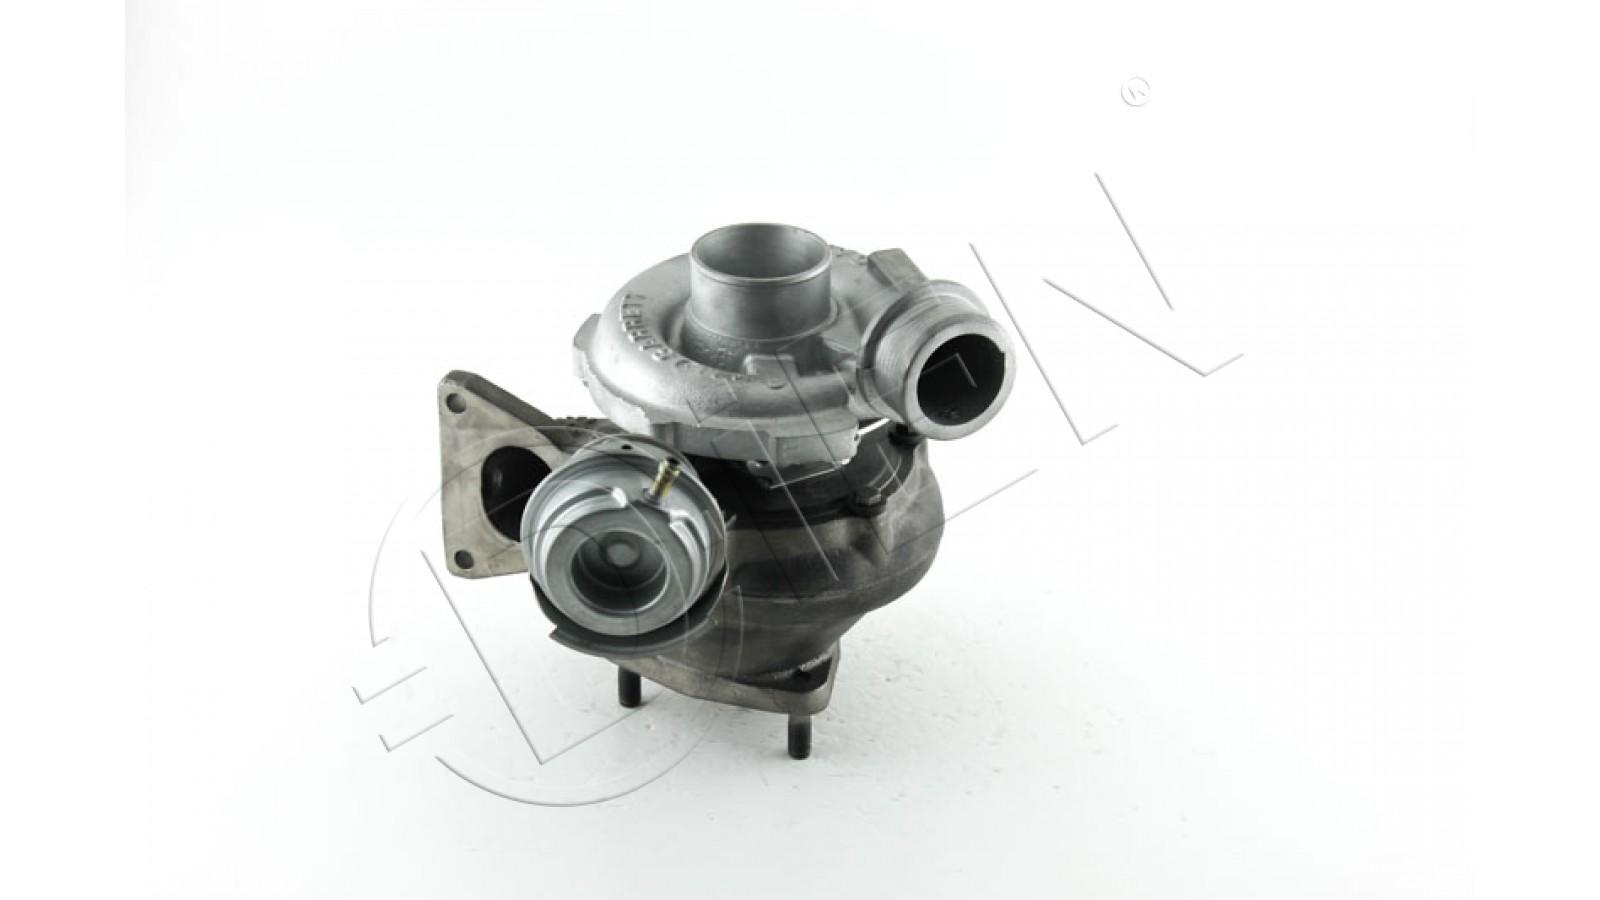 Turbocompressore  VOLVO  S60 I  2.4 D5  163Cv  2401ccm  lug 2001 - apr 2010